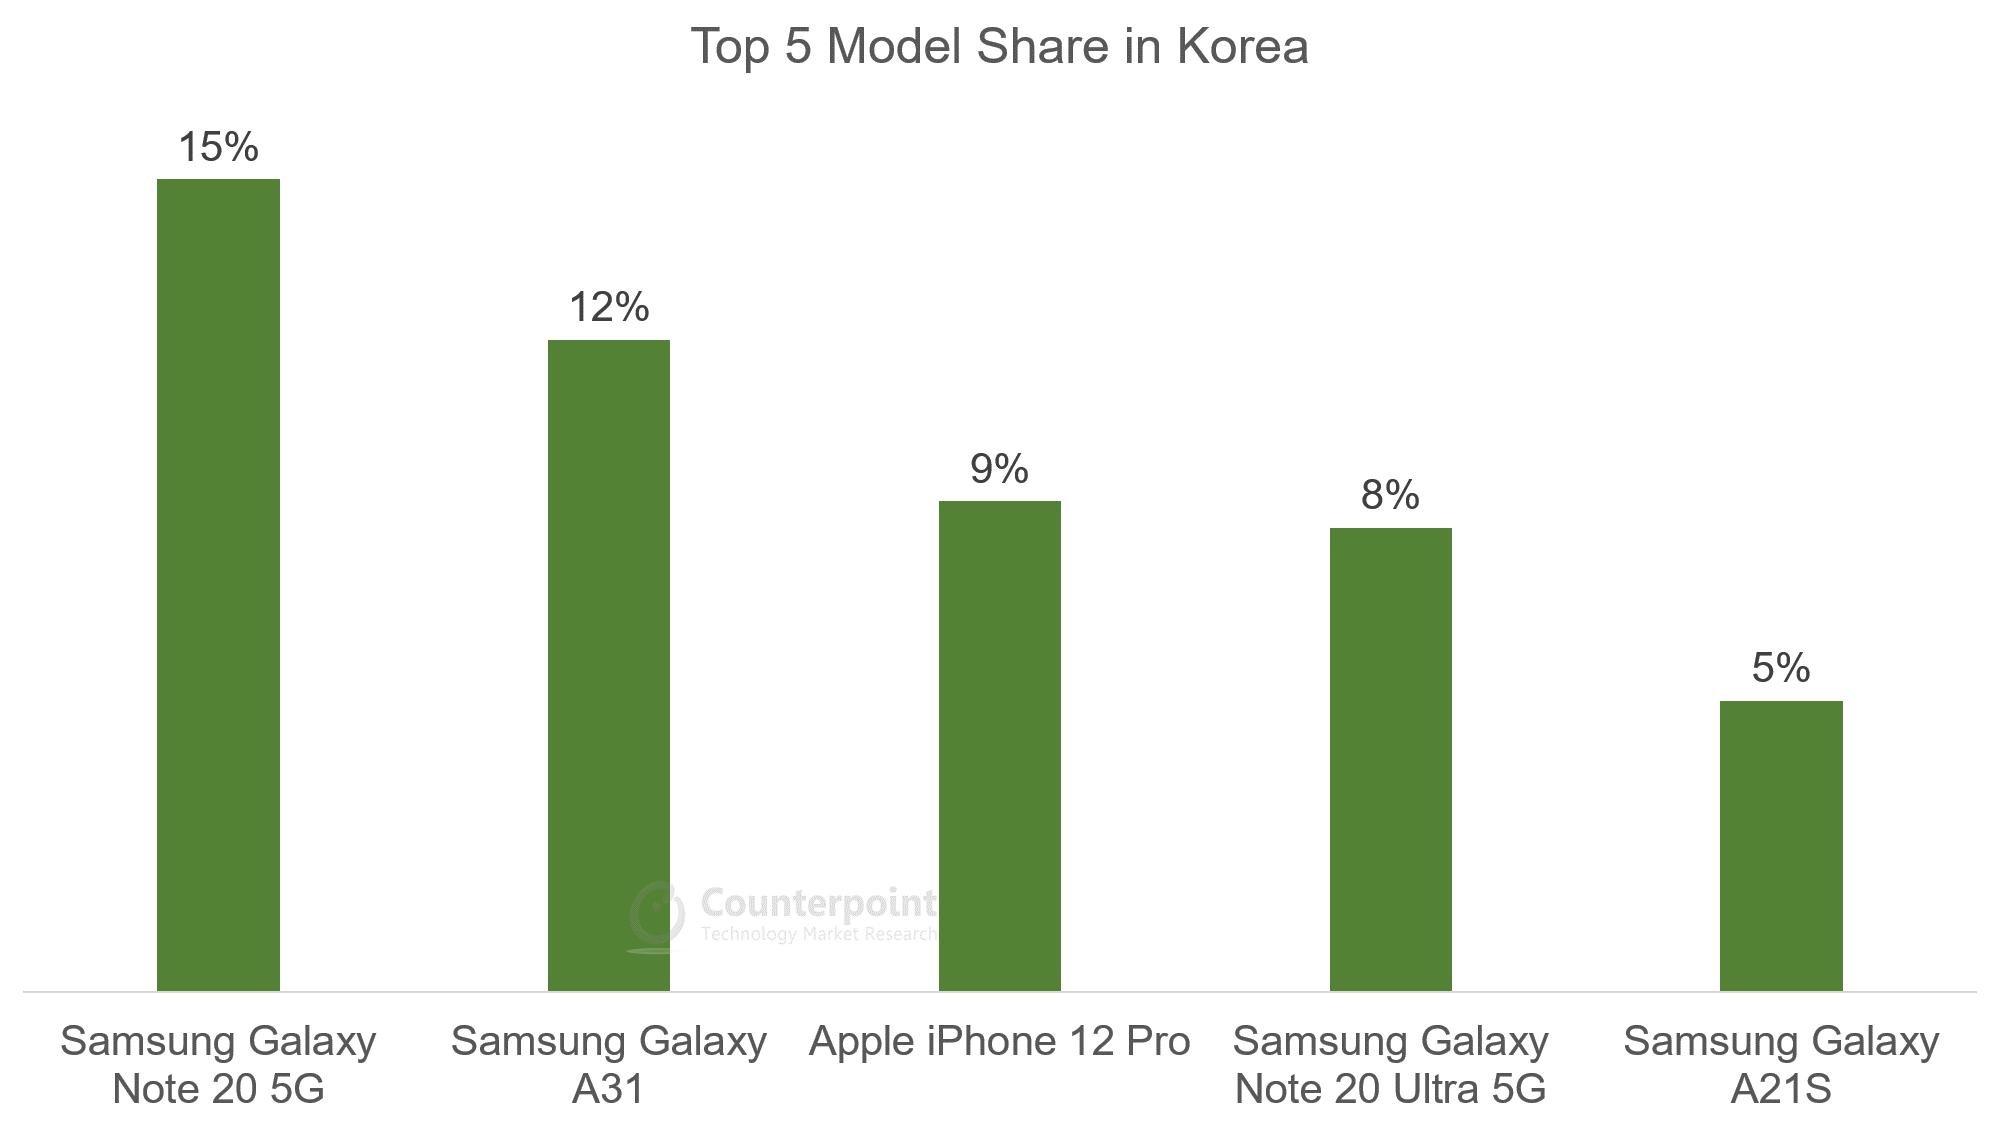 Top 5 Model Share in Korea - Oct 2020